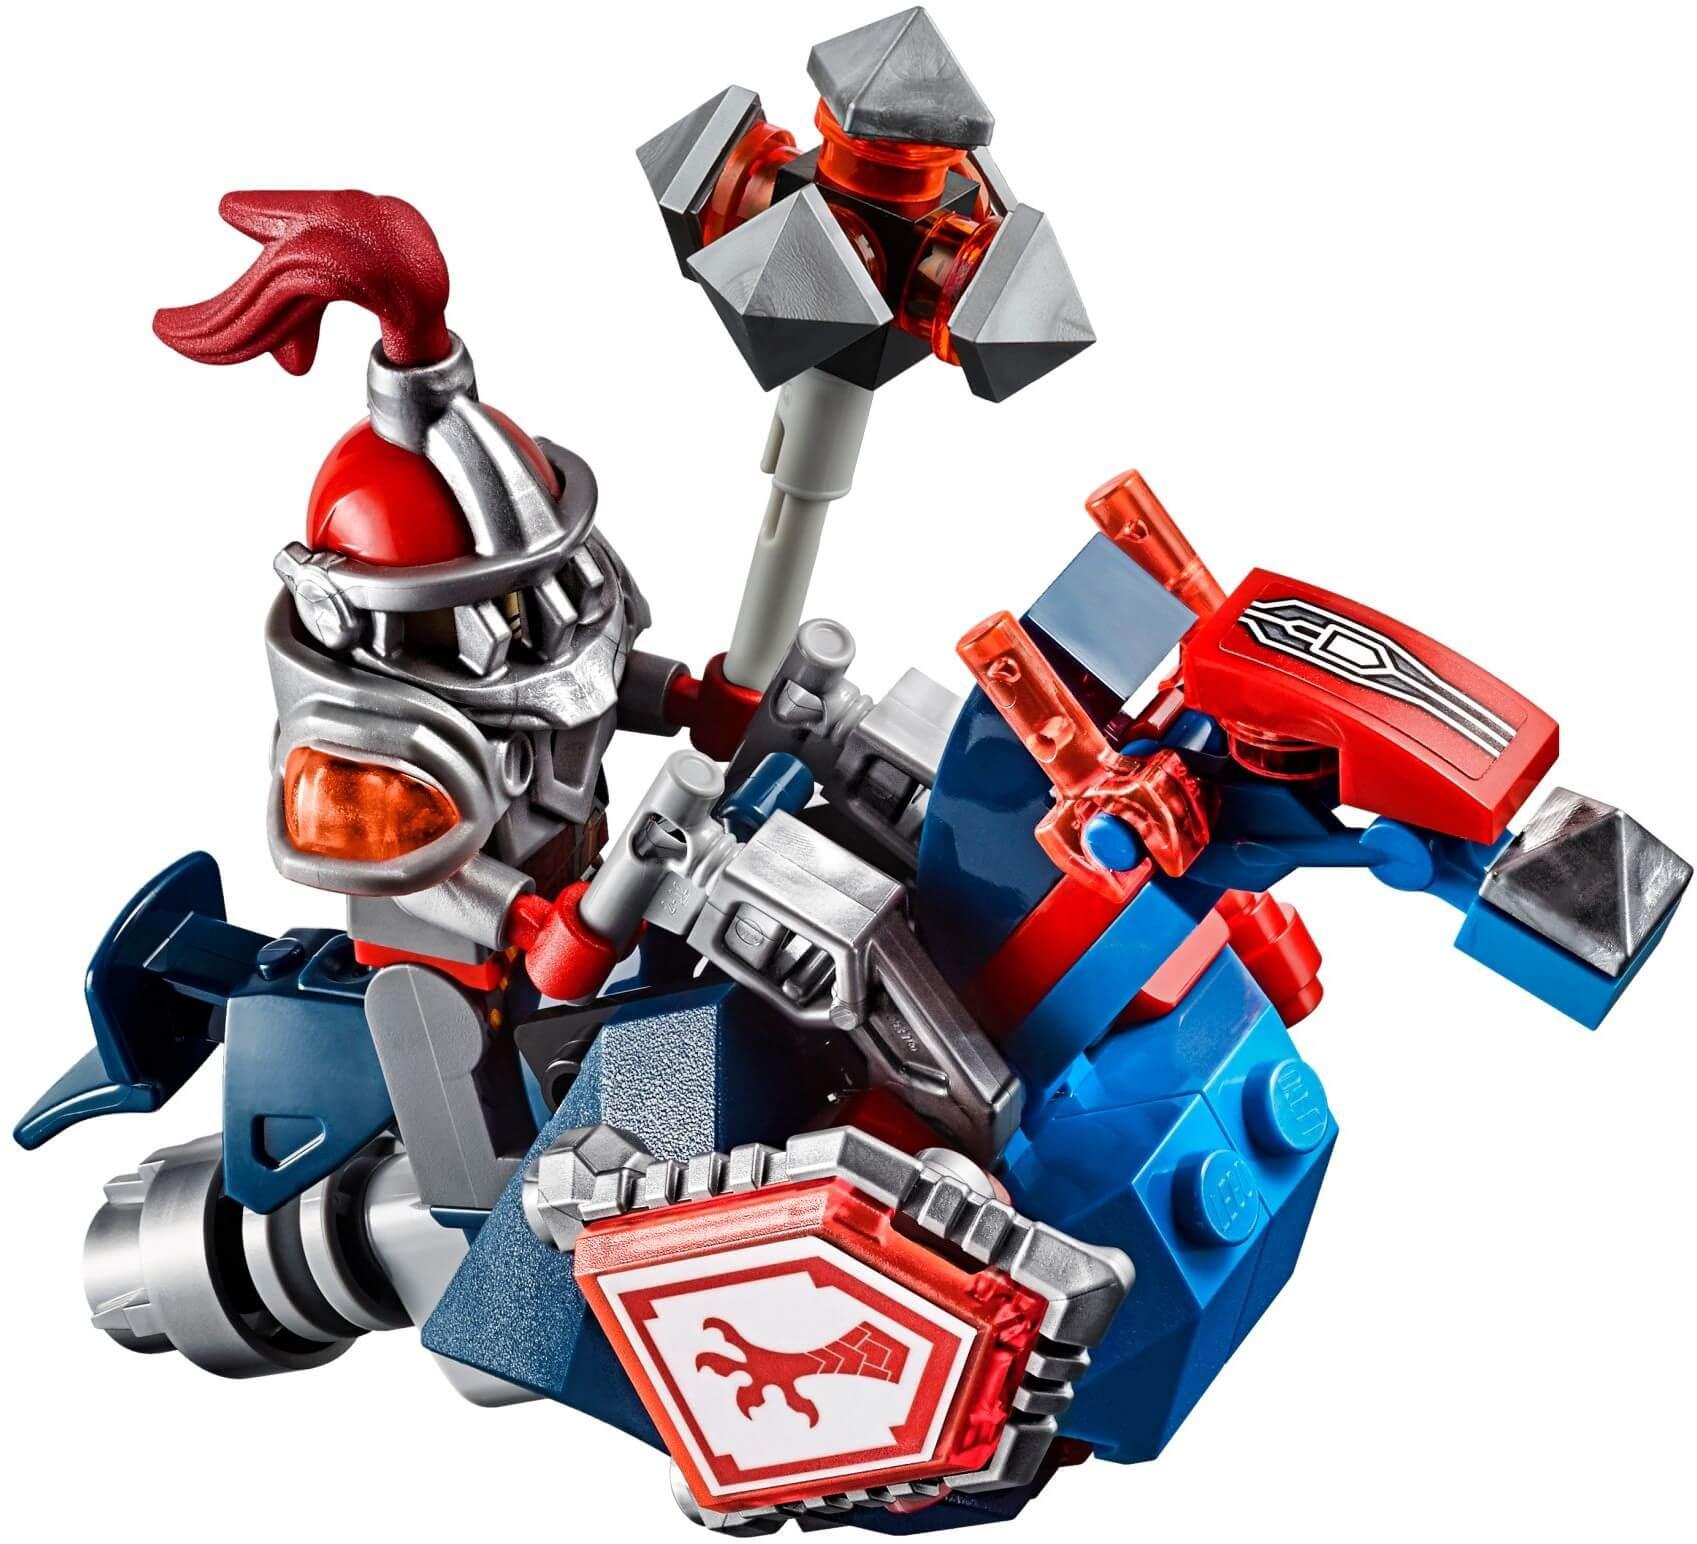 Mua đồ chơi LEGO 70314 - LEGO Nexo Knights 70314 - Cỗ xe quái vật của Chúa tể Thú (LEGO Nexo Knights Beast Master's Chaos Chariot 70314)